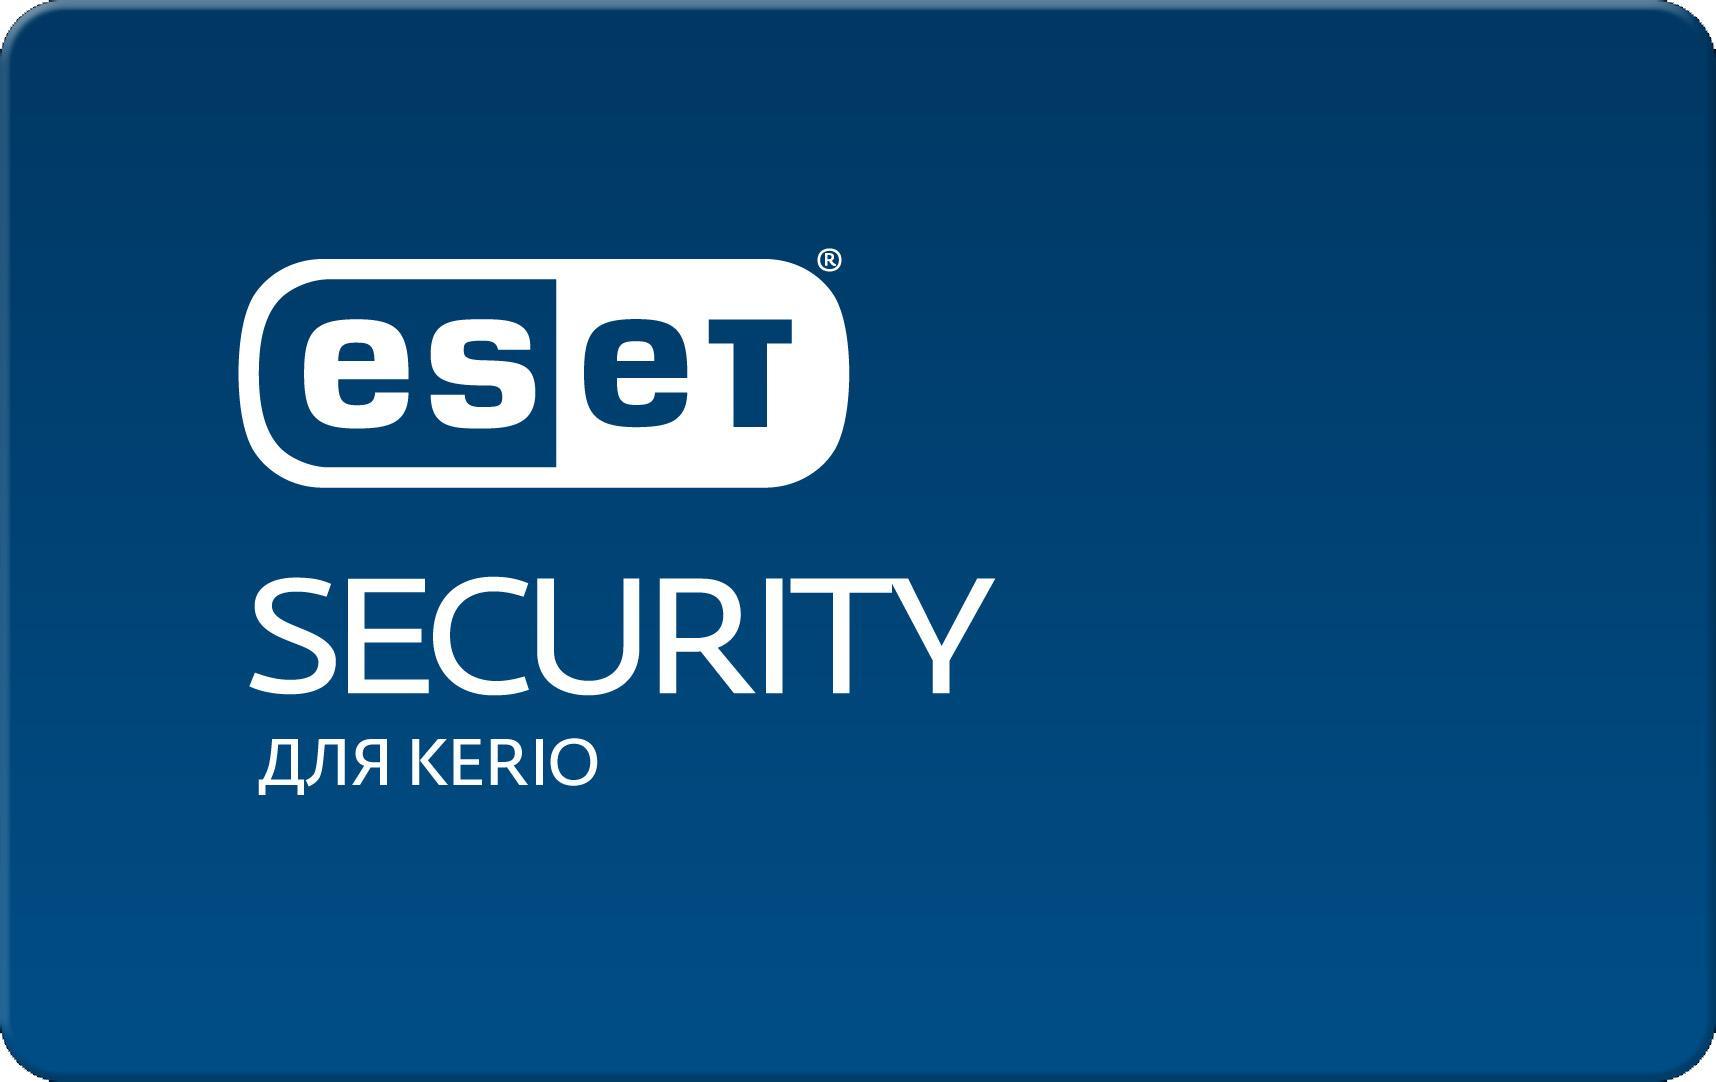 Защита почтовых серверов и интернет-шлюзов Eset Security для Kerio  для 6 пользователей